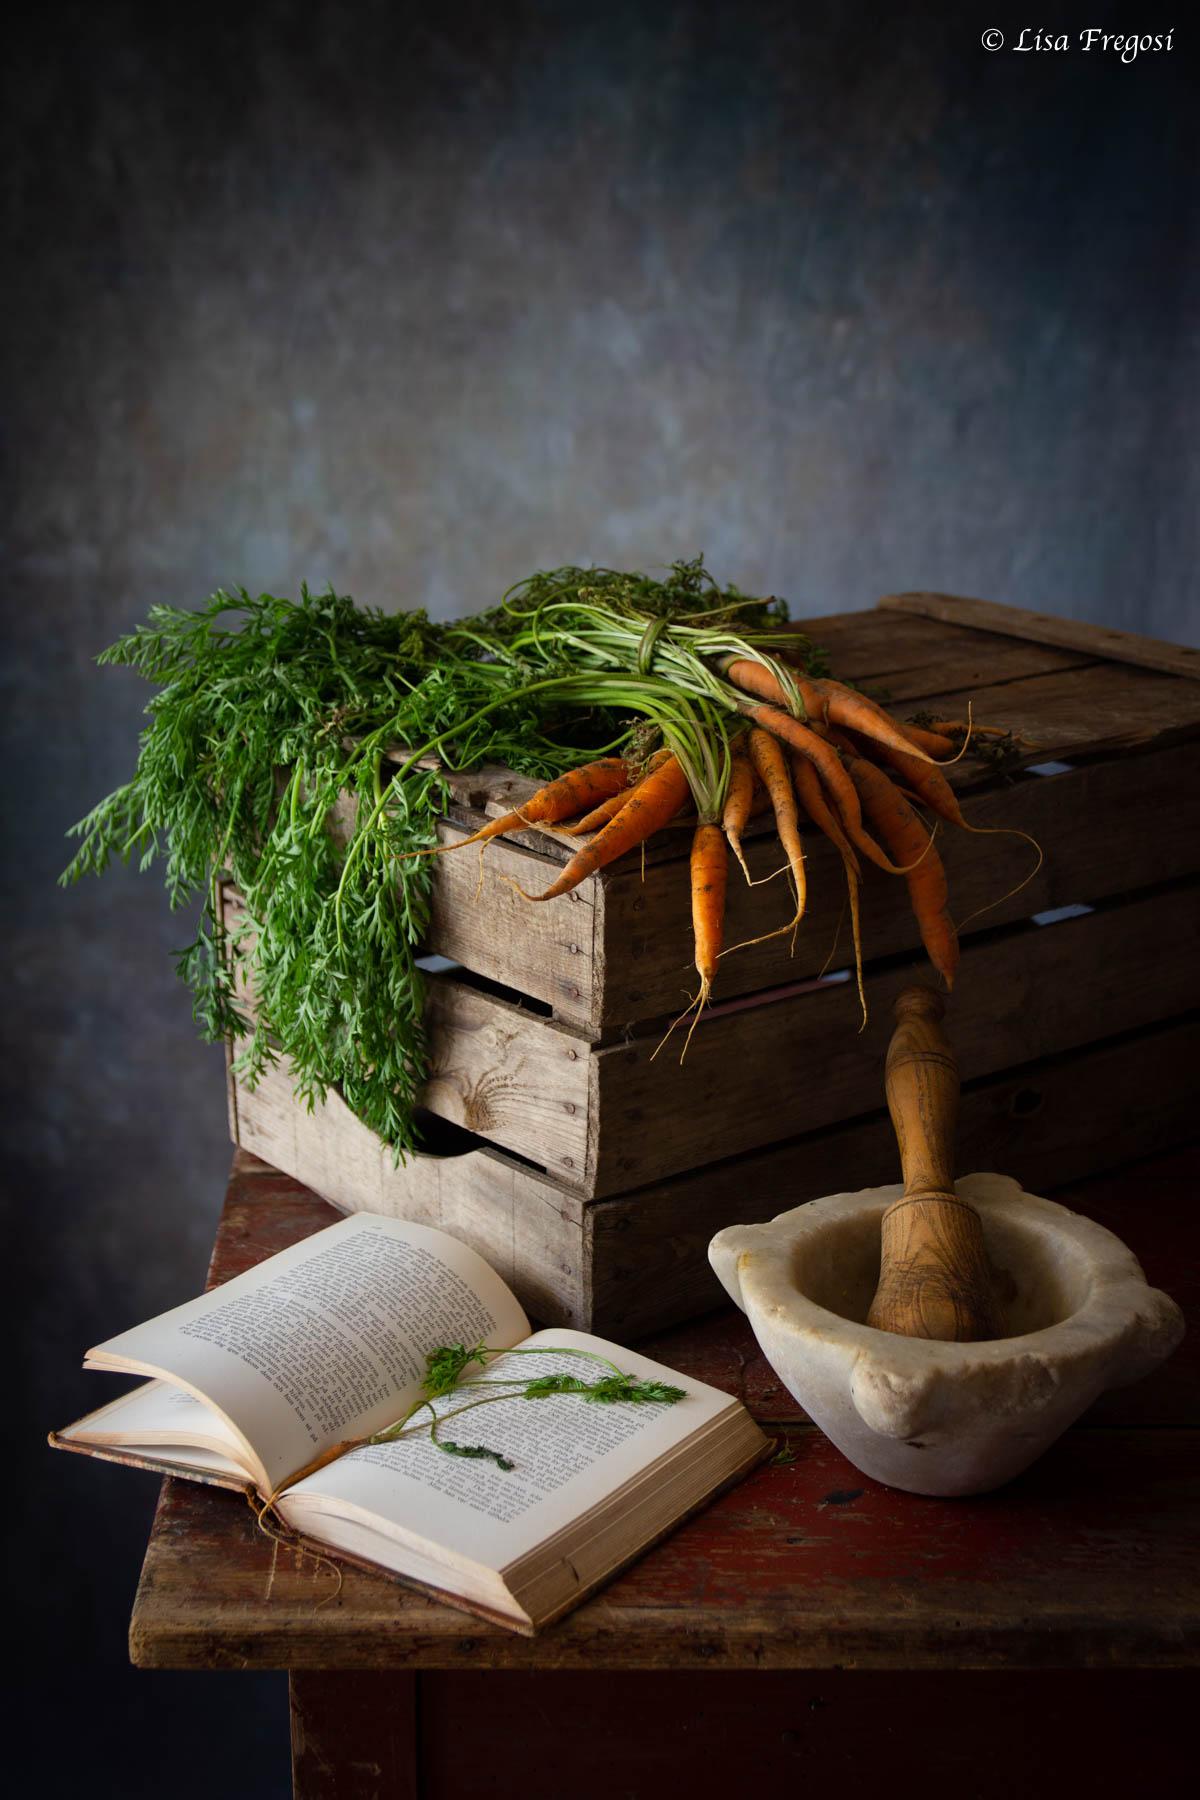 ciuffi di carote e clorofilla